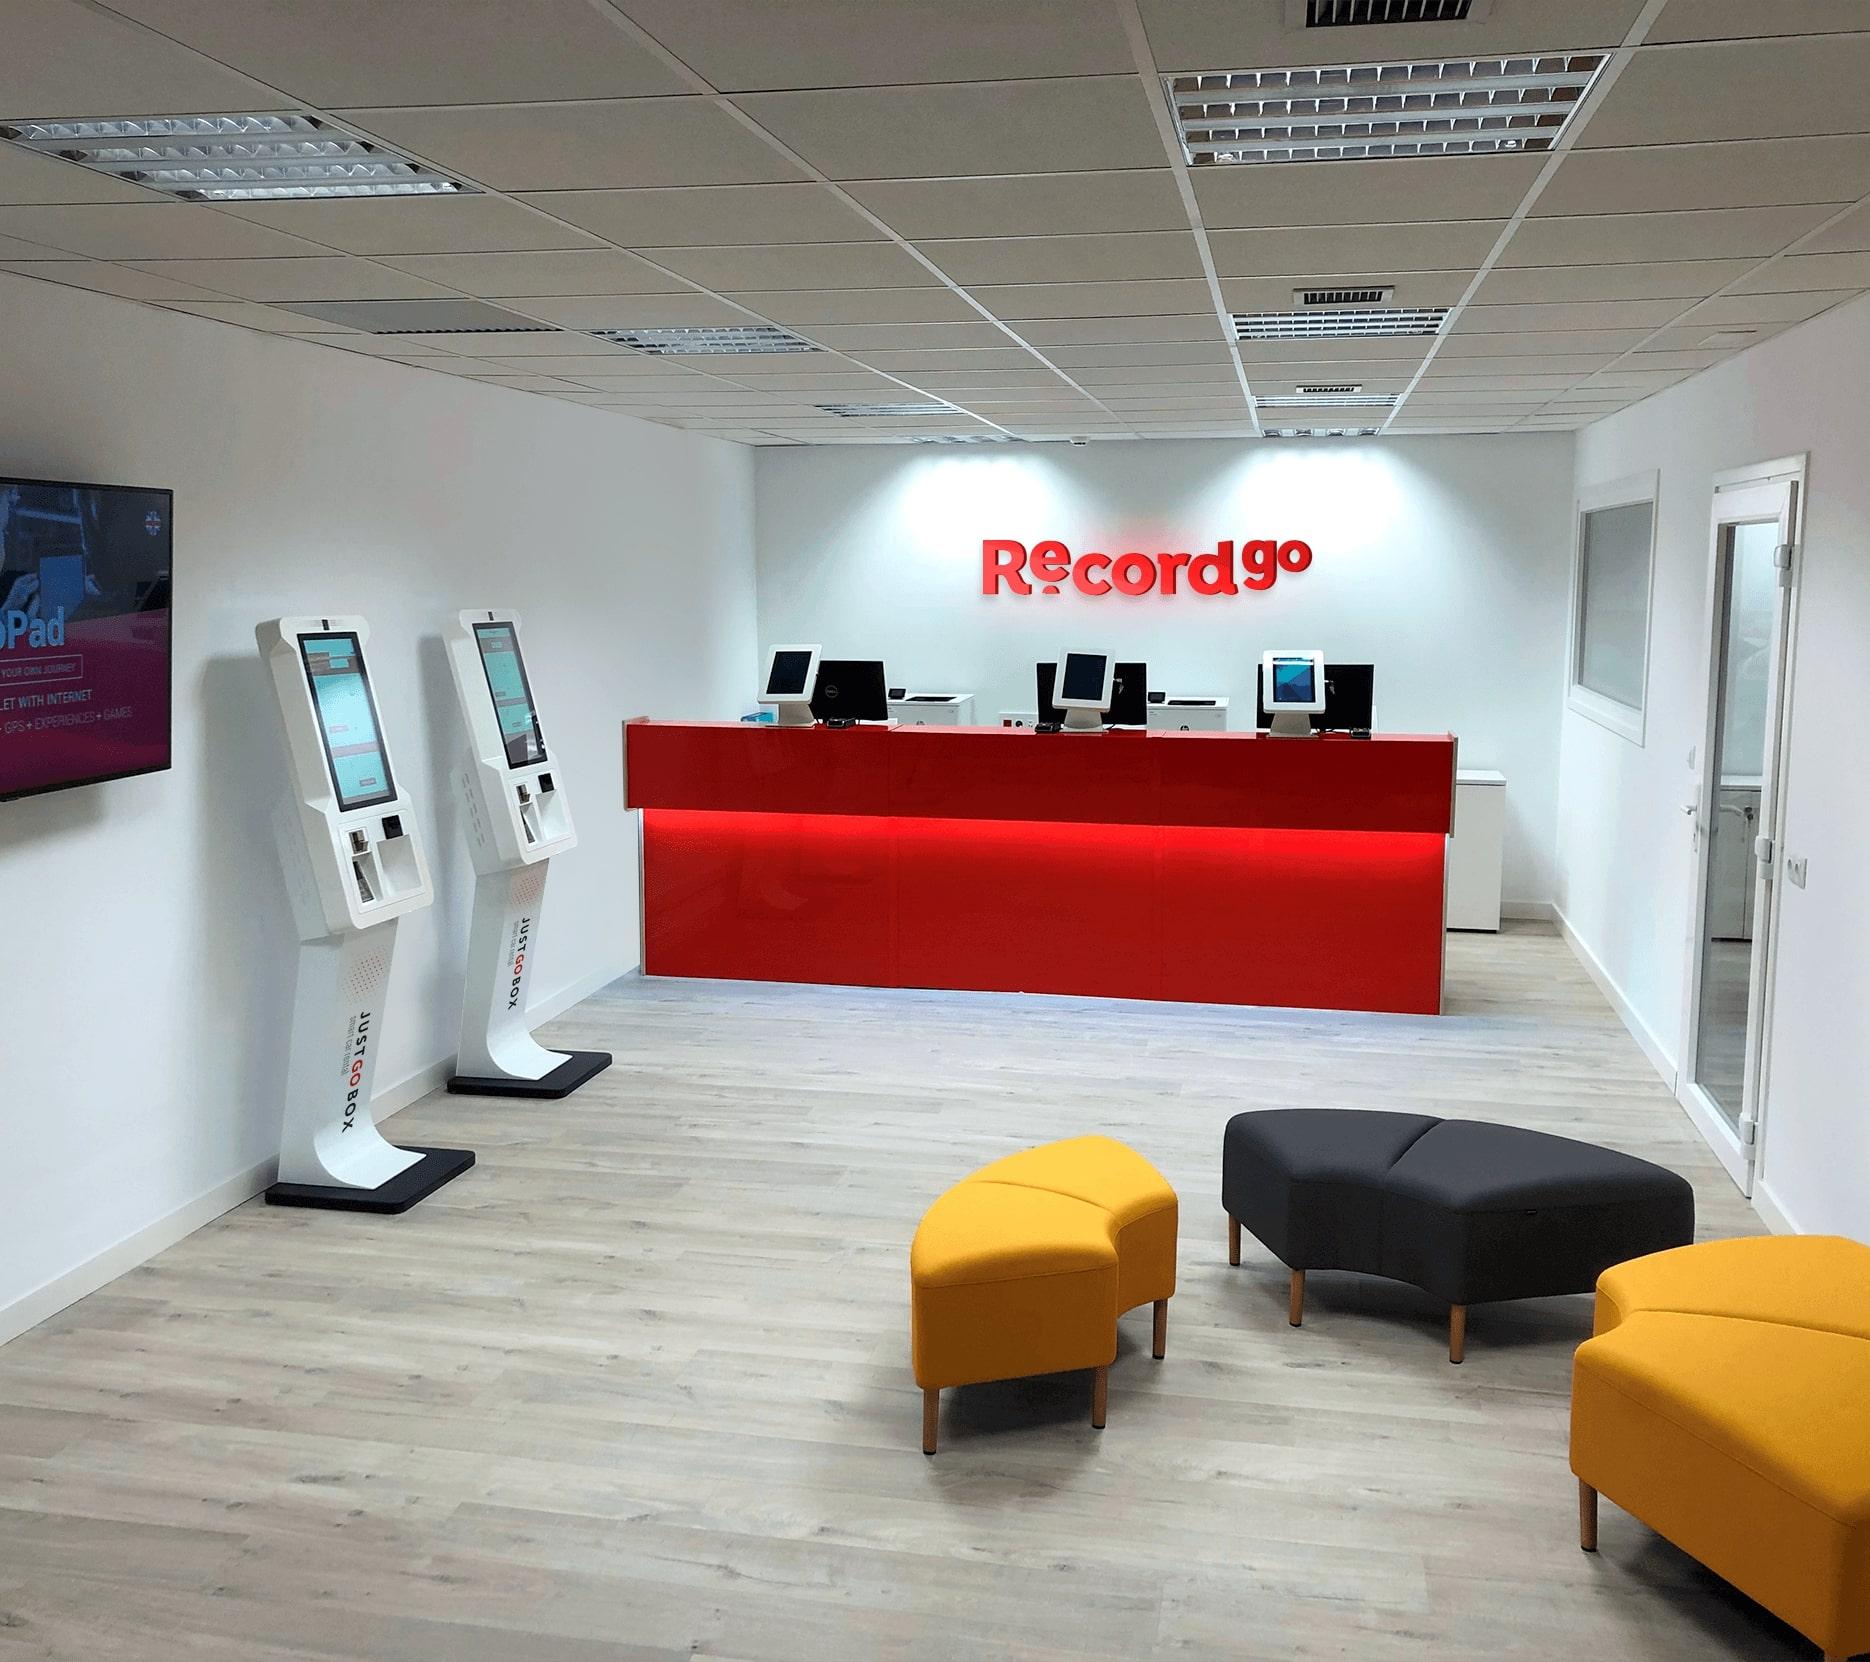 Record go llega al País Vasco con una nueva oficina en Bilbao